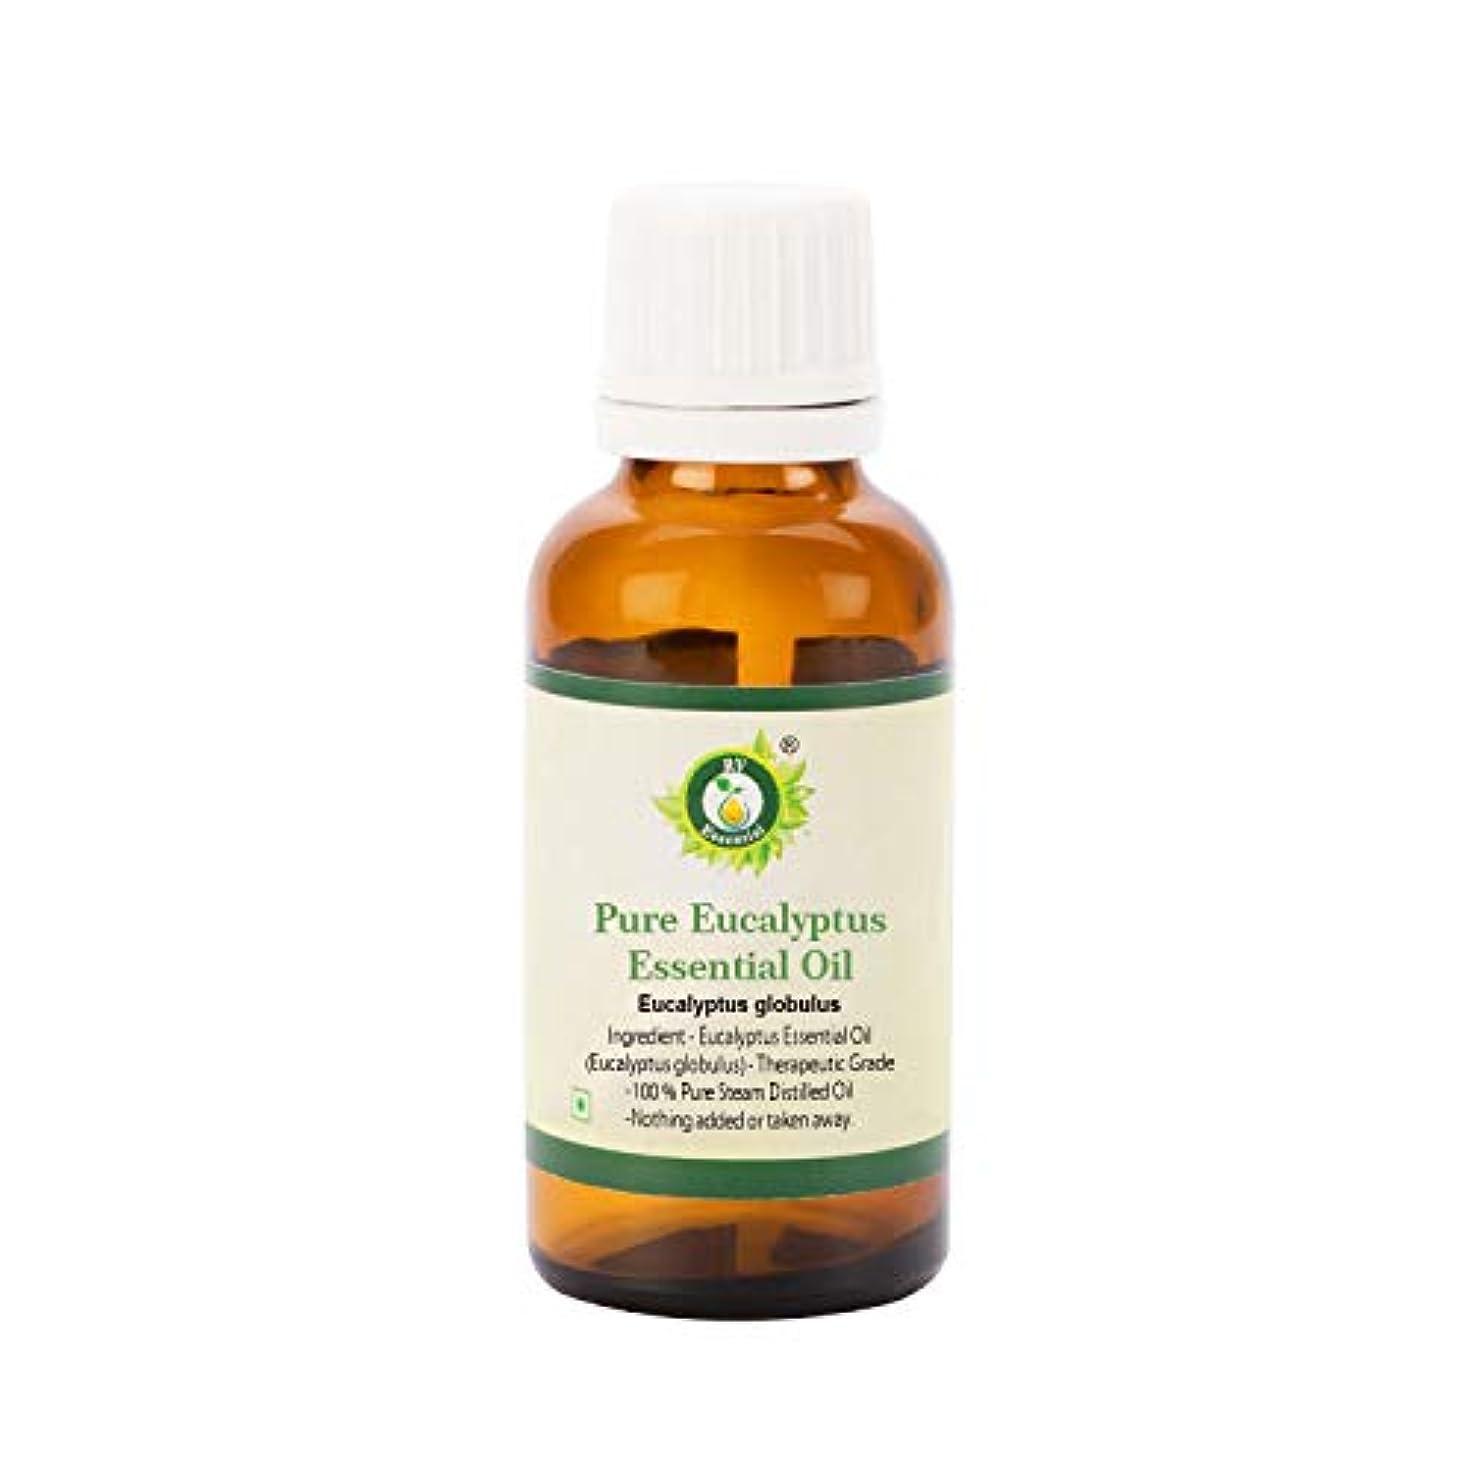 にやにやコロニーエンディングR V Essential ピュアユーカリエッセンシャルオイル100ml (3.38oz)- Eucalyptus globulus (100%純粋&天然スチームDistilled) Pure Eucalyptus Essential...